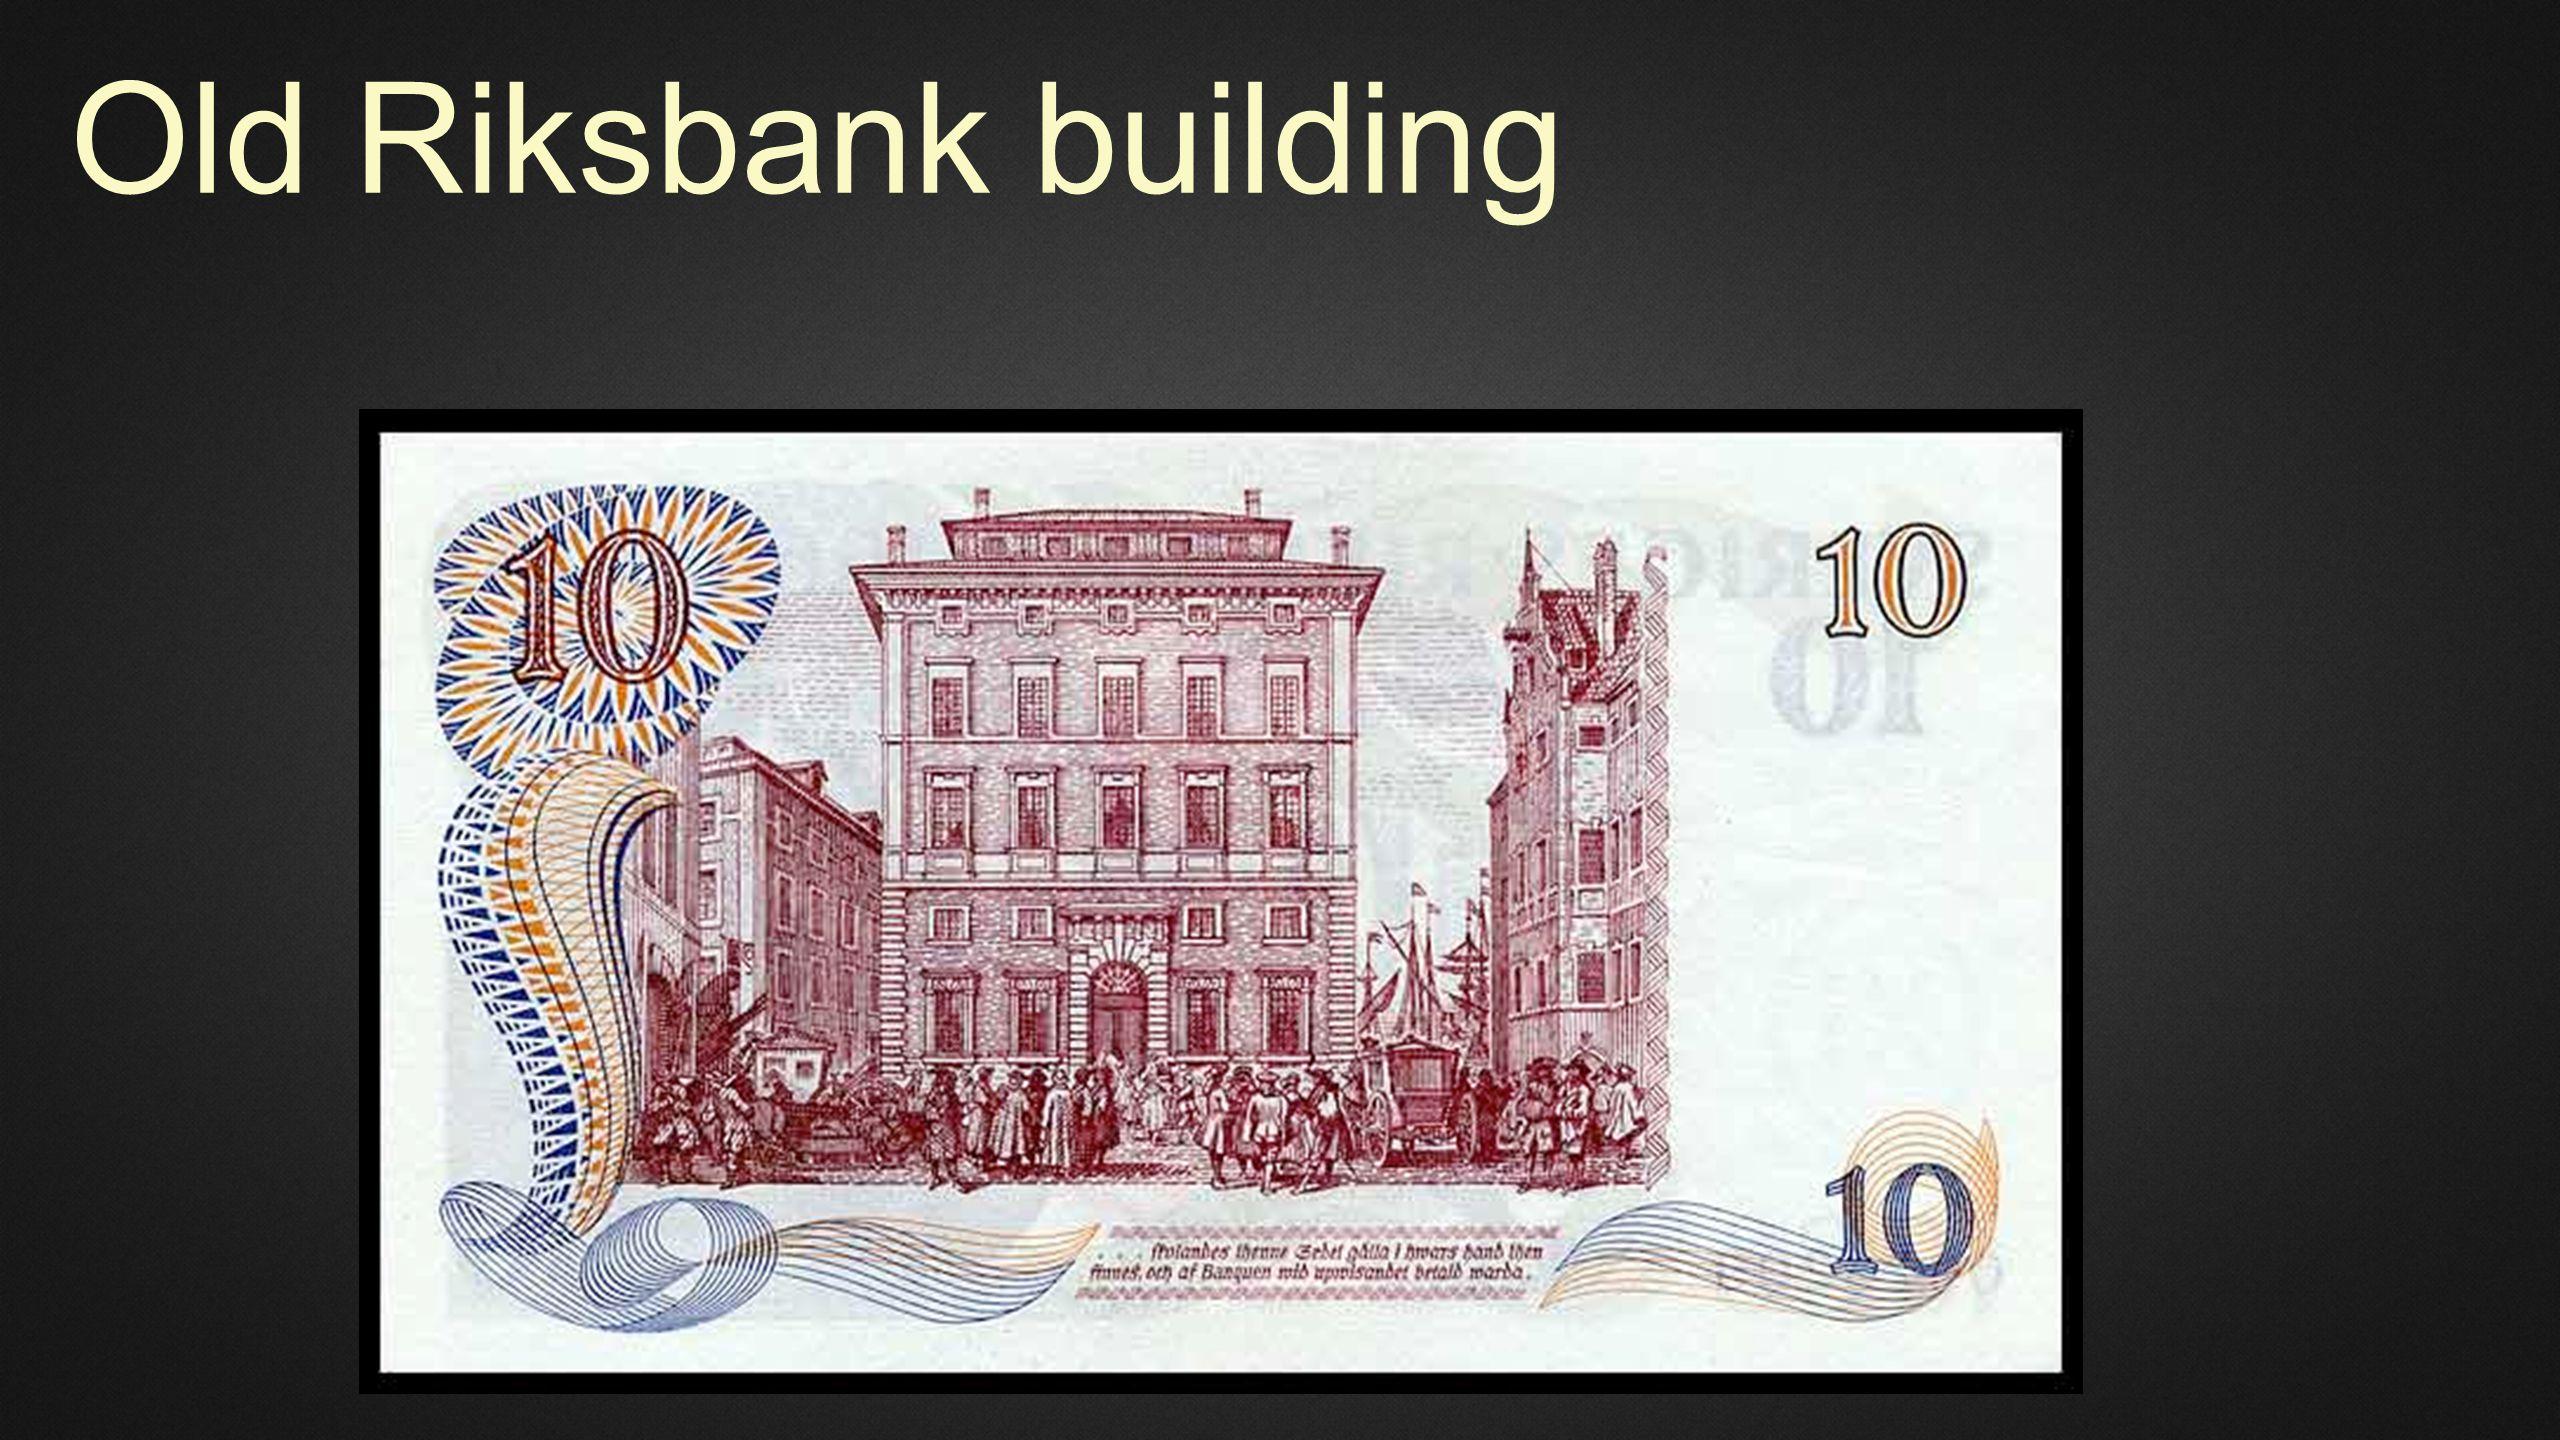 Old Riksbank building